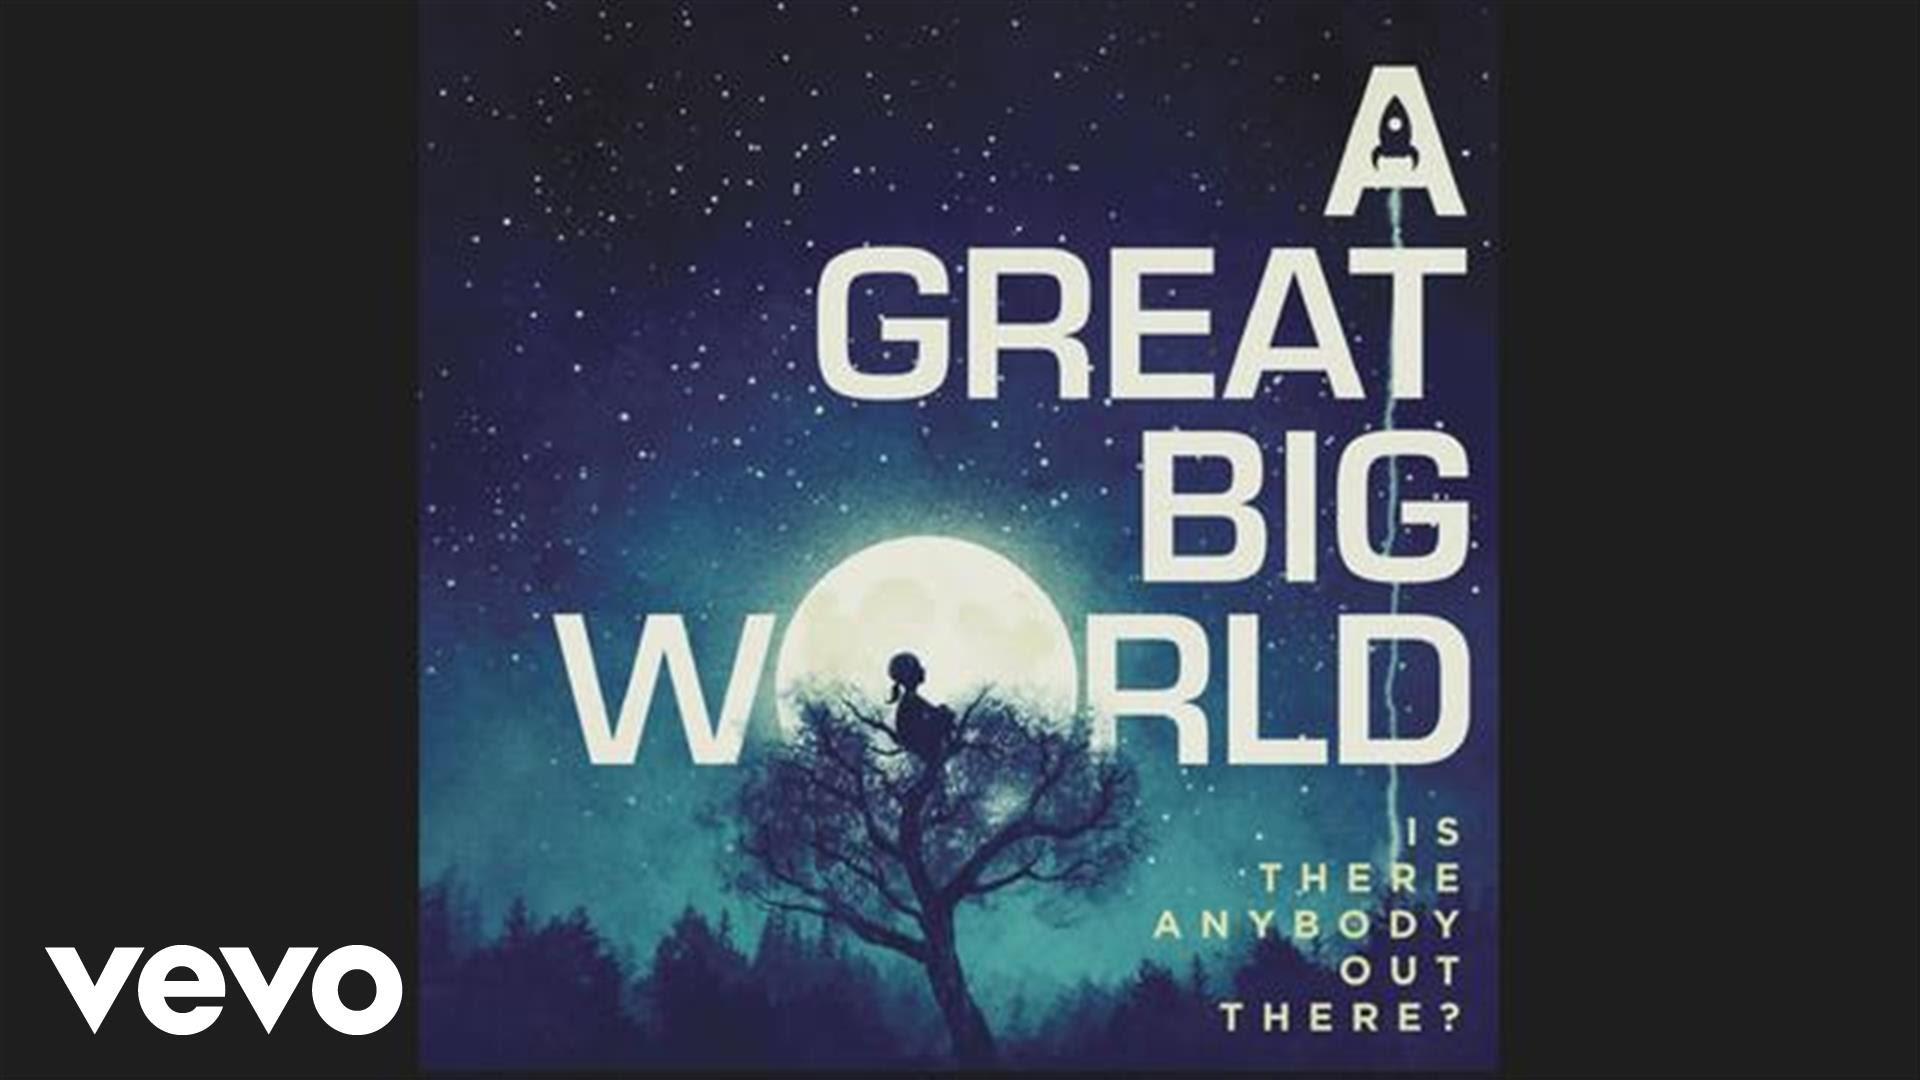 『A Great Big World ア・グレイト・ビッグ・ワールド人気曲ランキング』